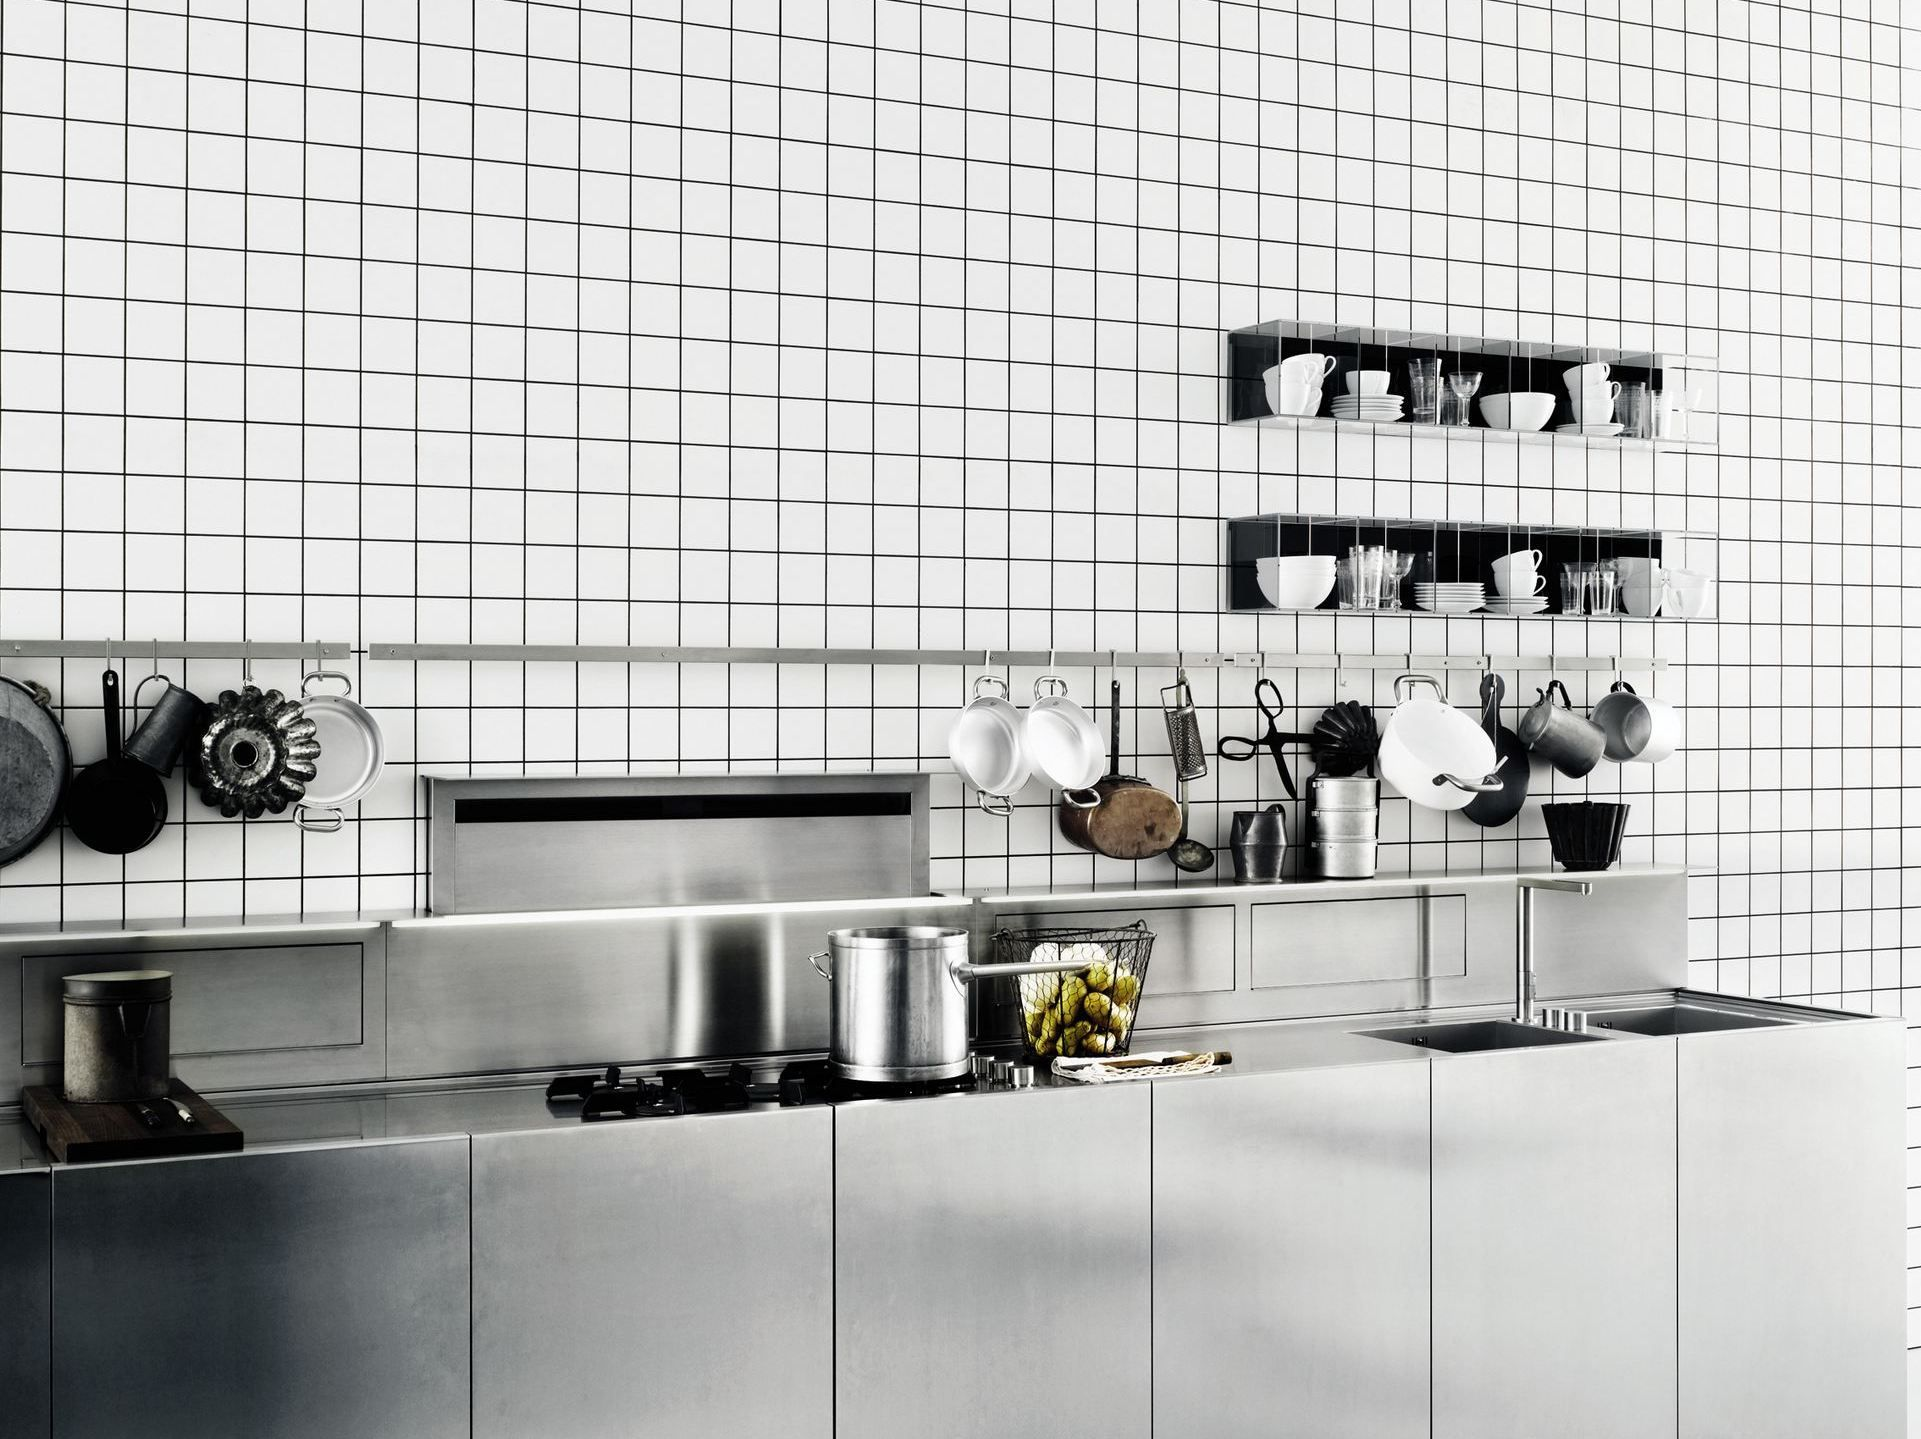 Zeilen  Küche Aus Edelstahl K20 By Boffi Design Norbert Wangen